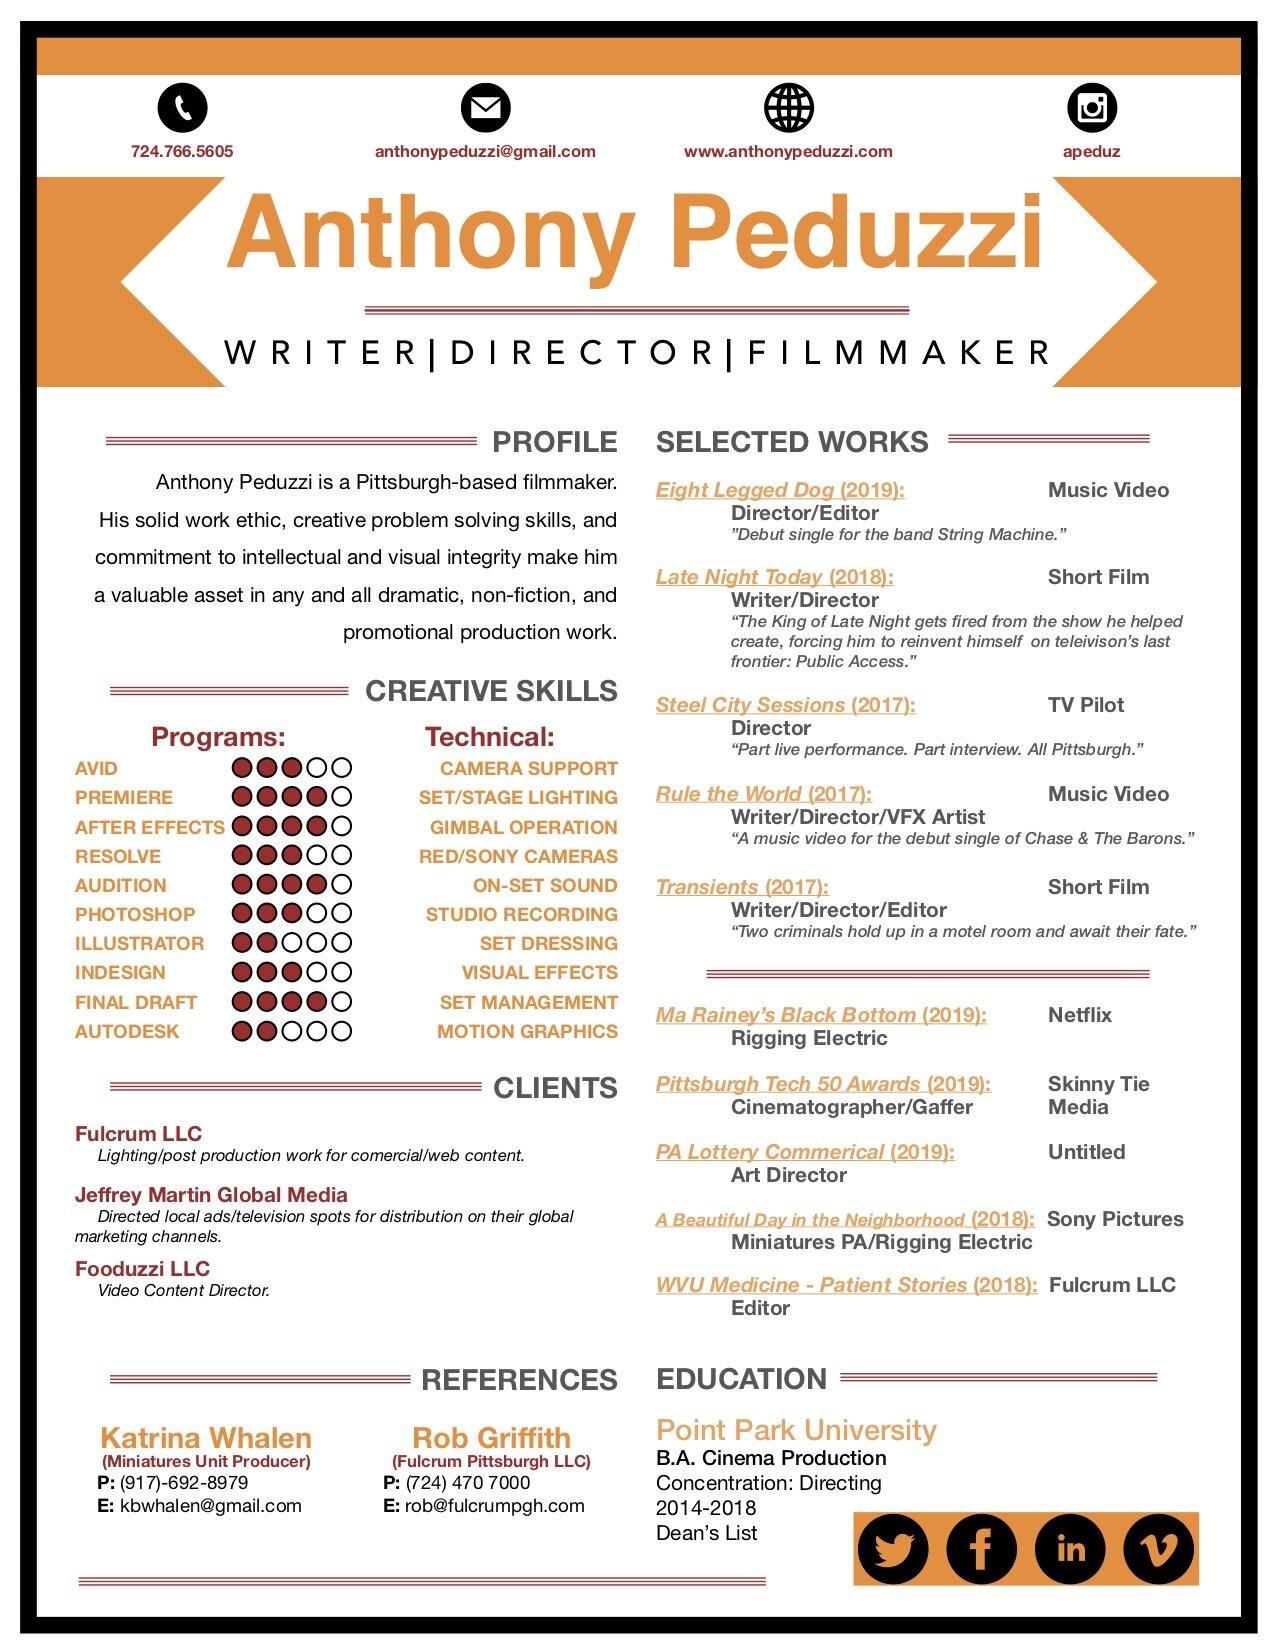 Anthony_Peduzzi_RESUME_2019.jpg